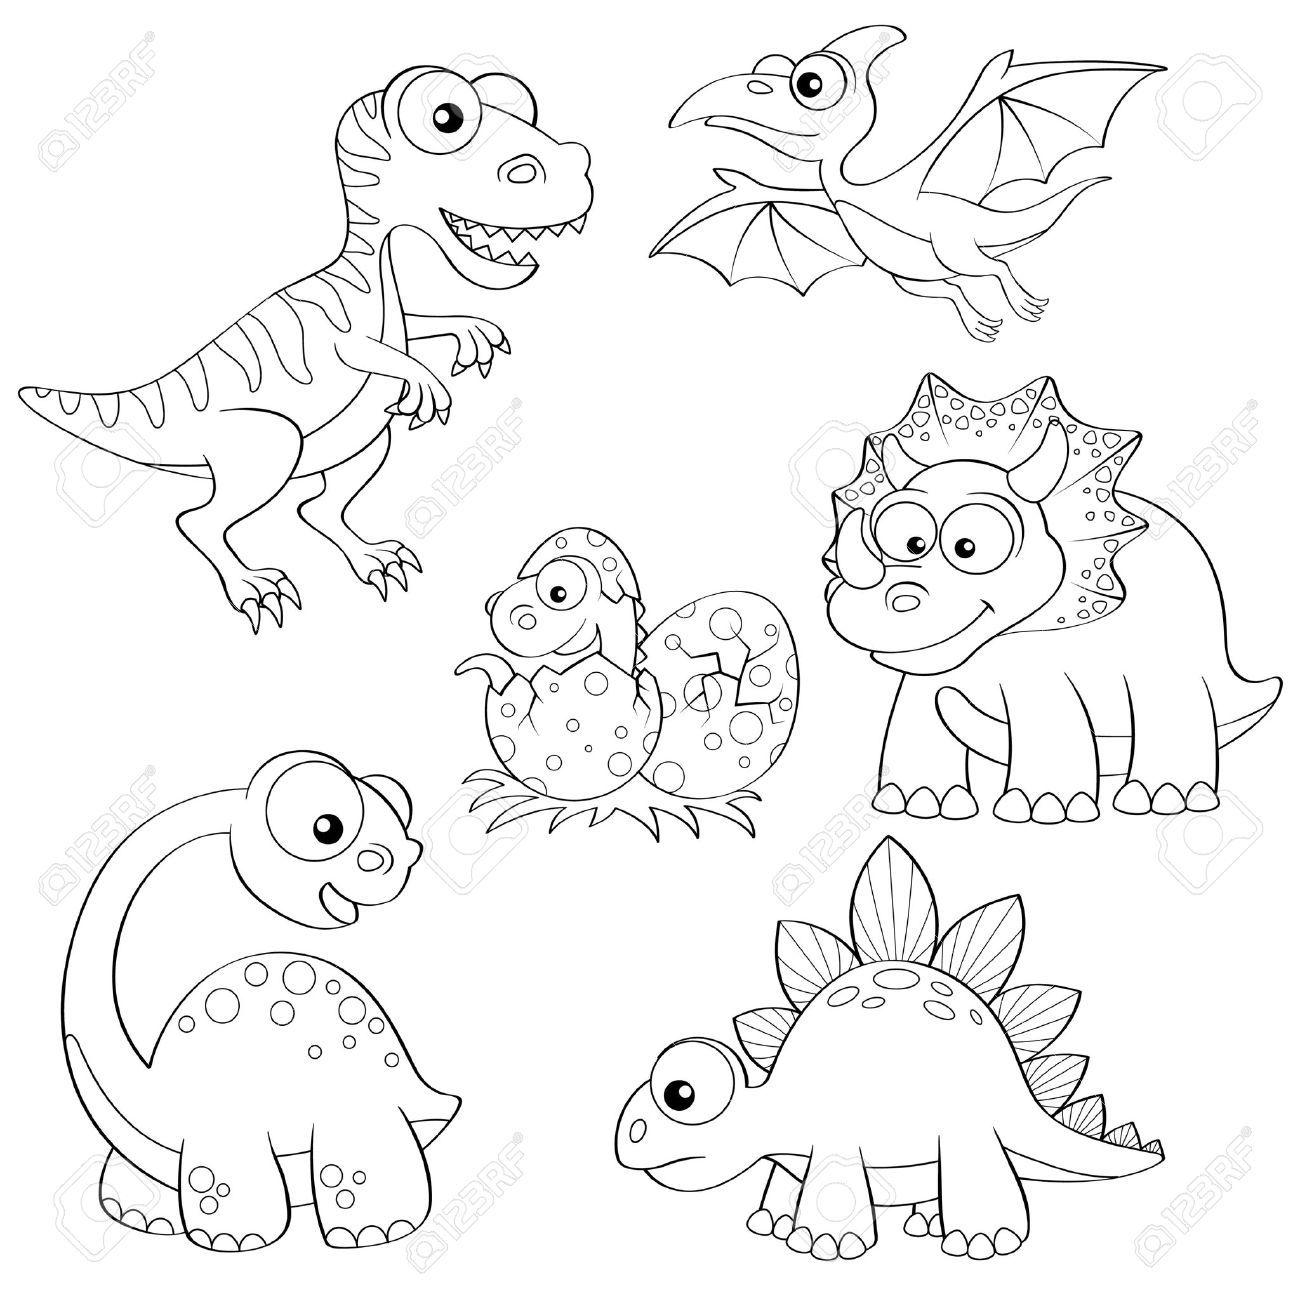 Conjunto de dinosaurios de dibujos animados. Ilustración en blanco y negro para colorear